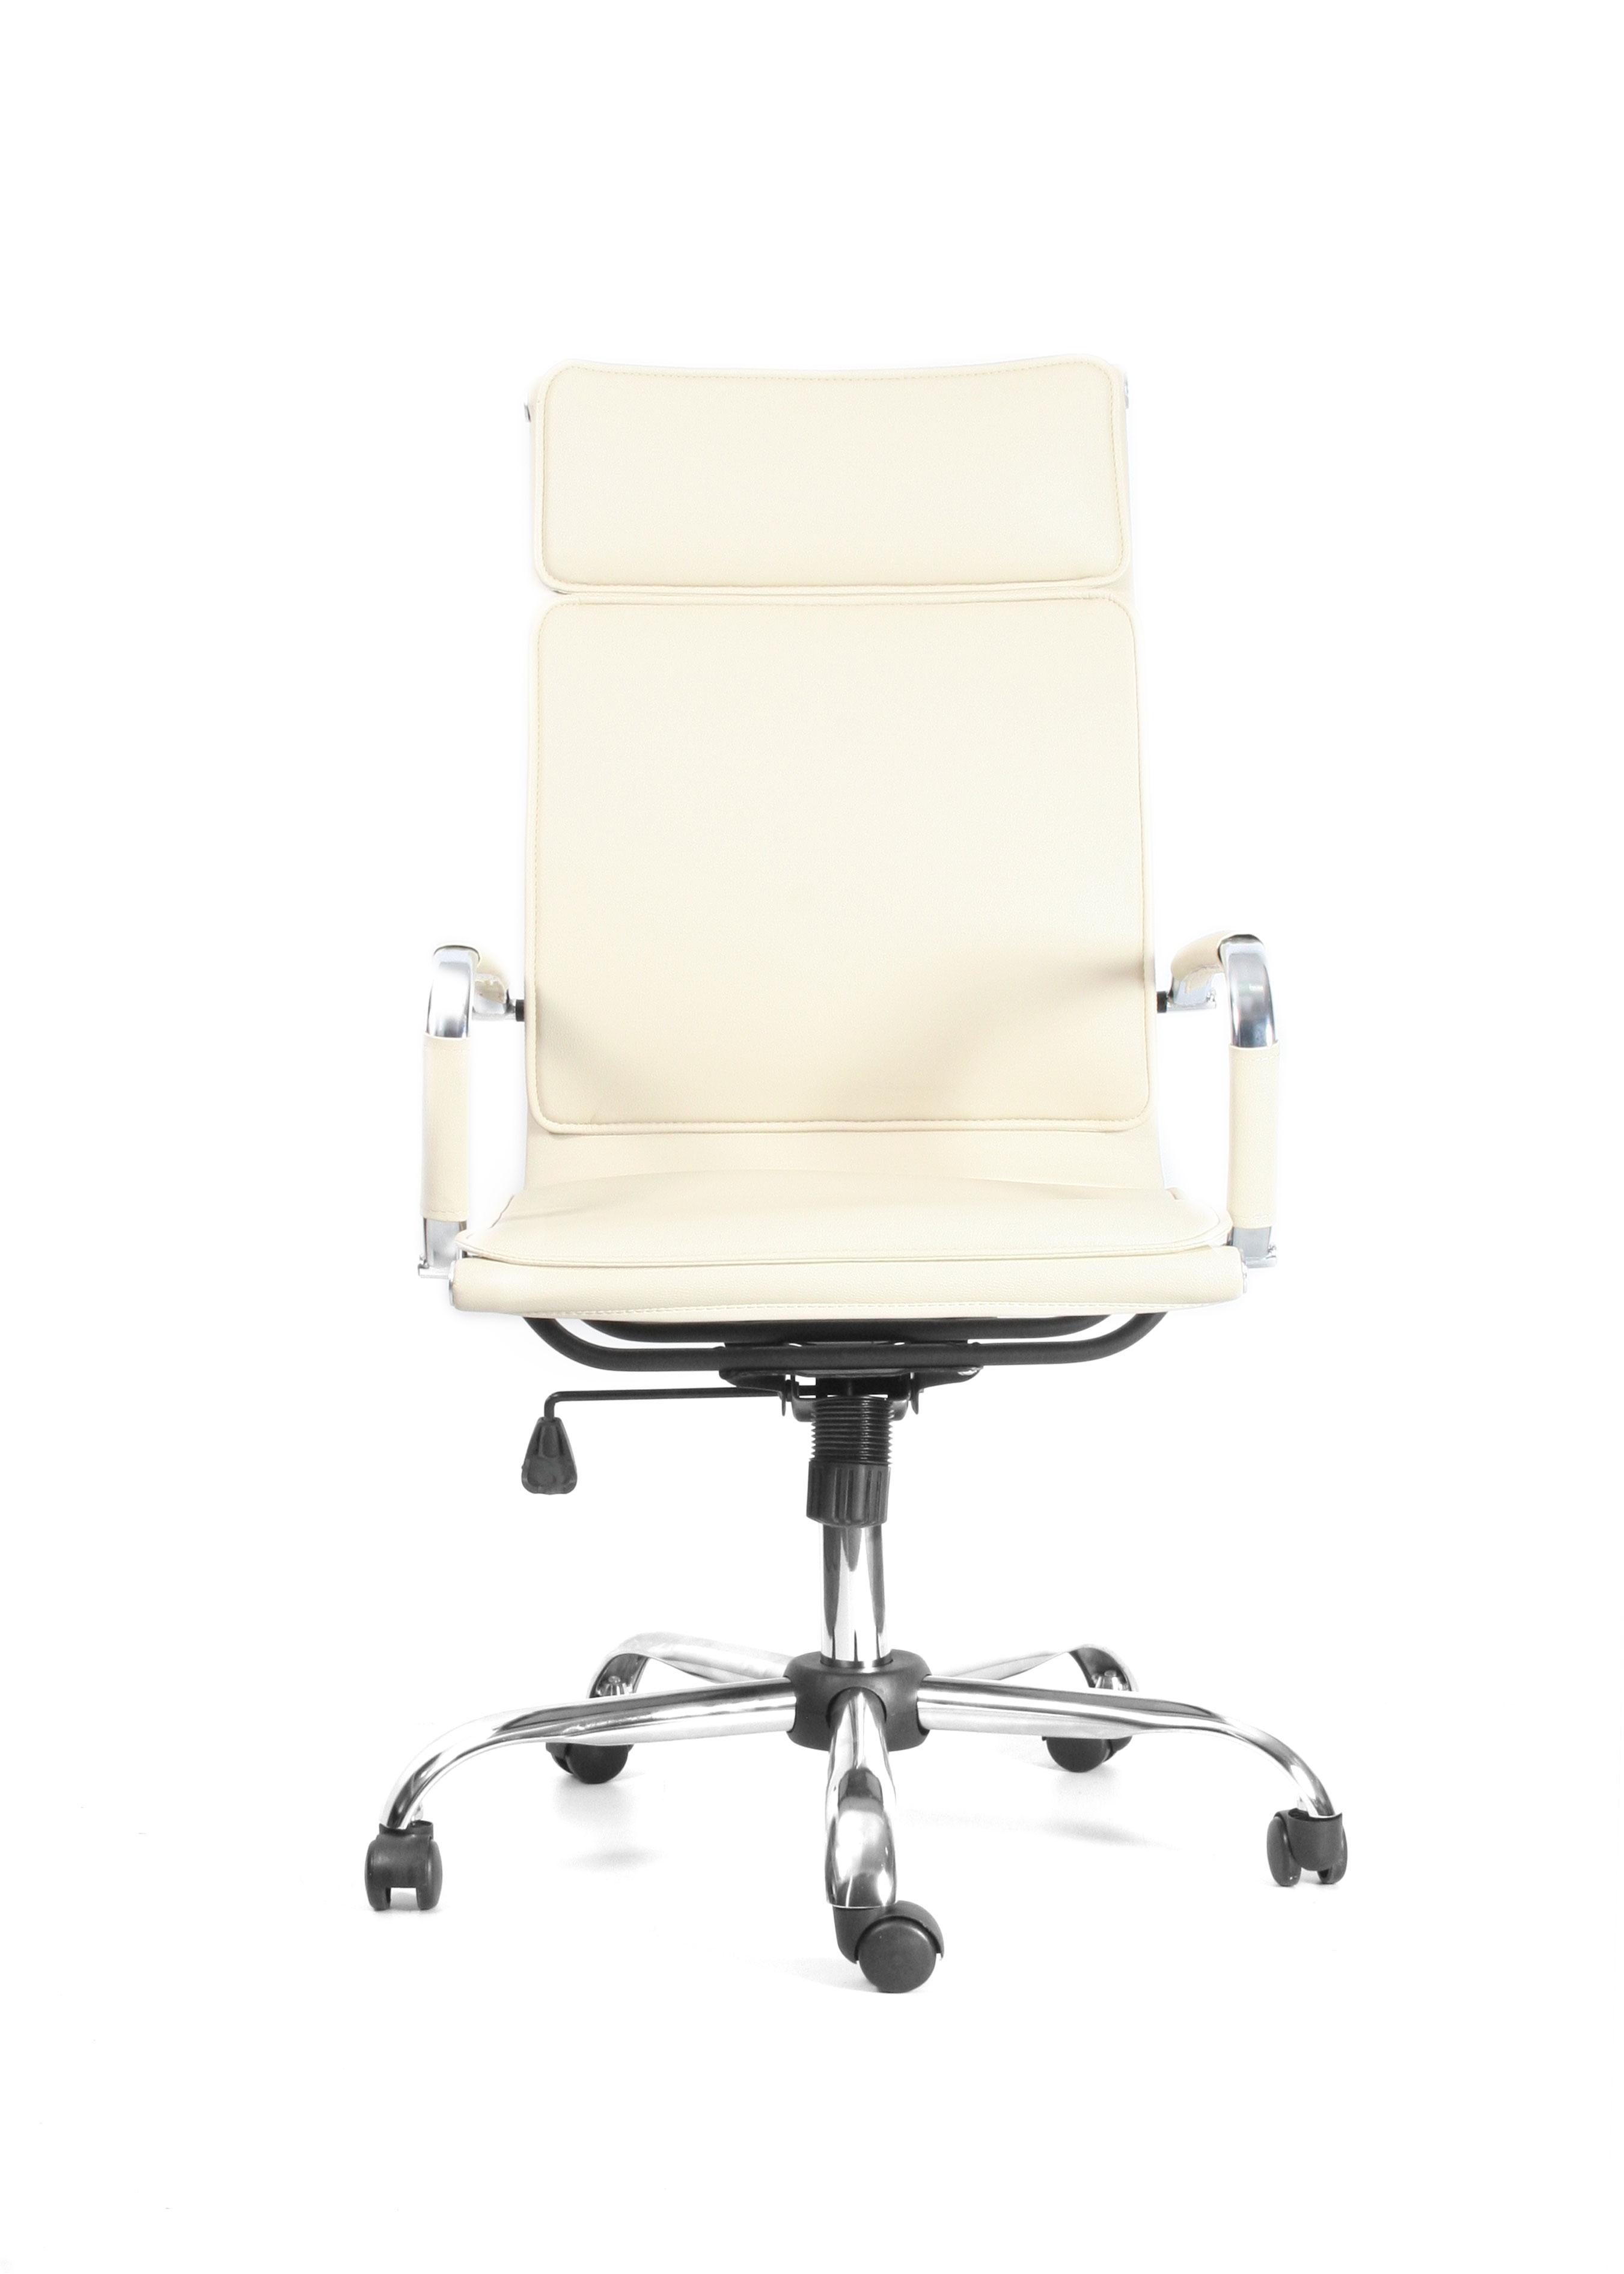 Кресло Recardo Select бежевый Искусственная кожа, 120 кг кресло recardo smart 60 черный 60 gtphch1 w01 t01